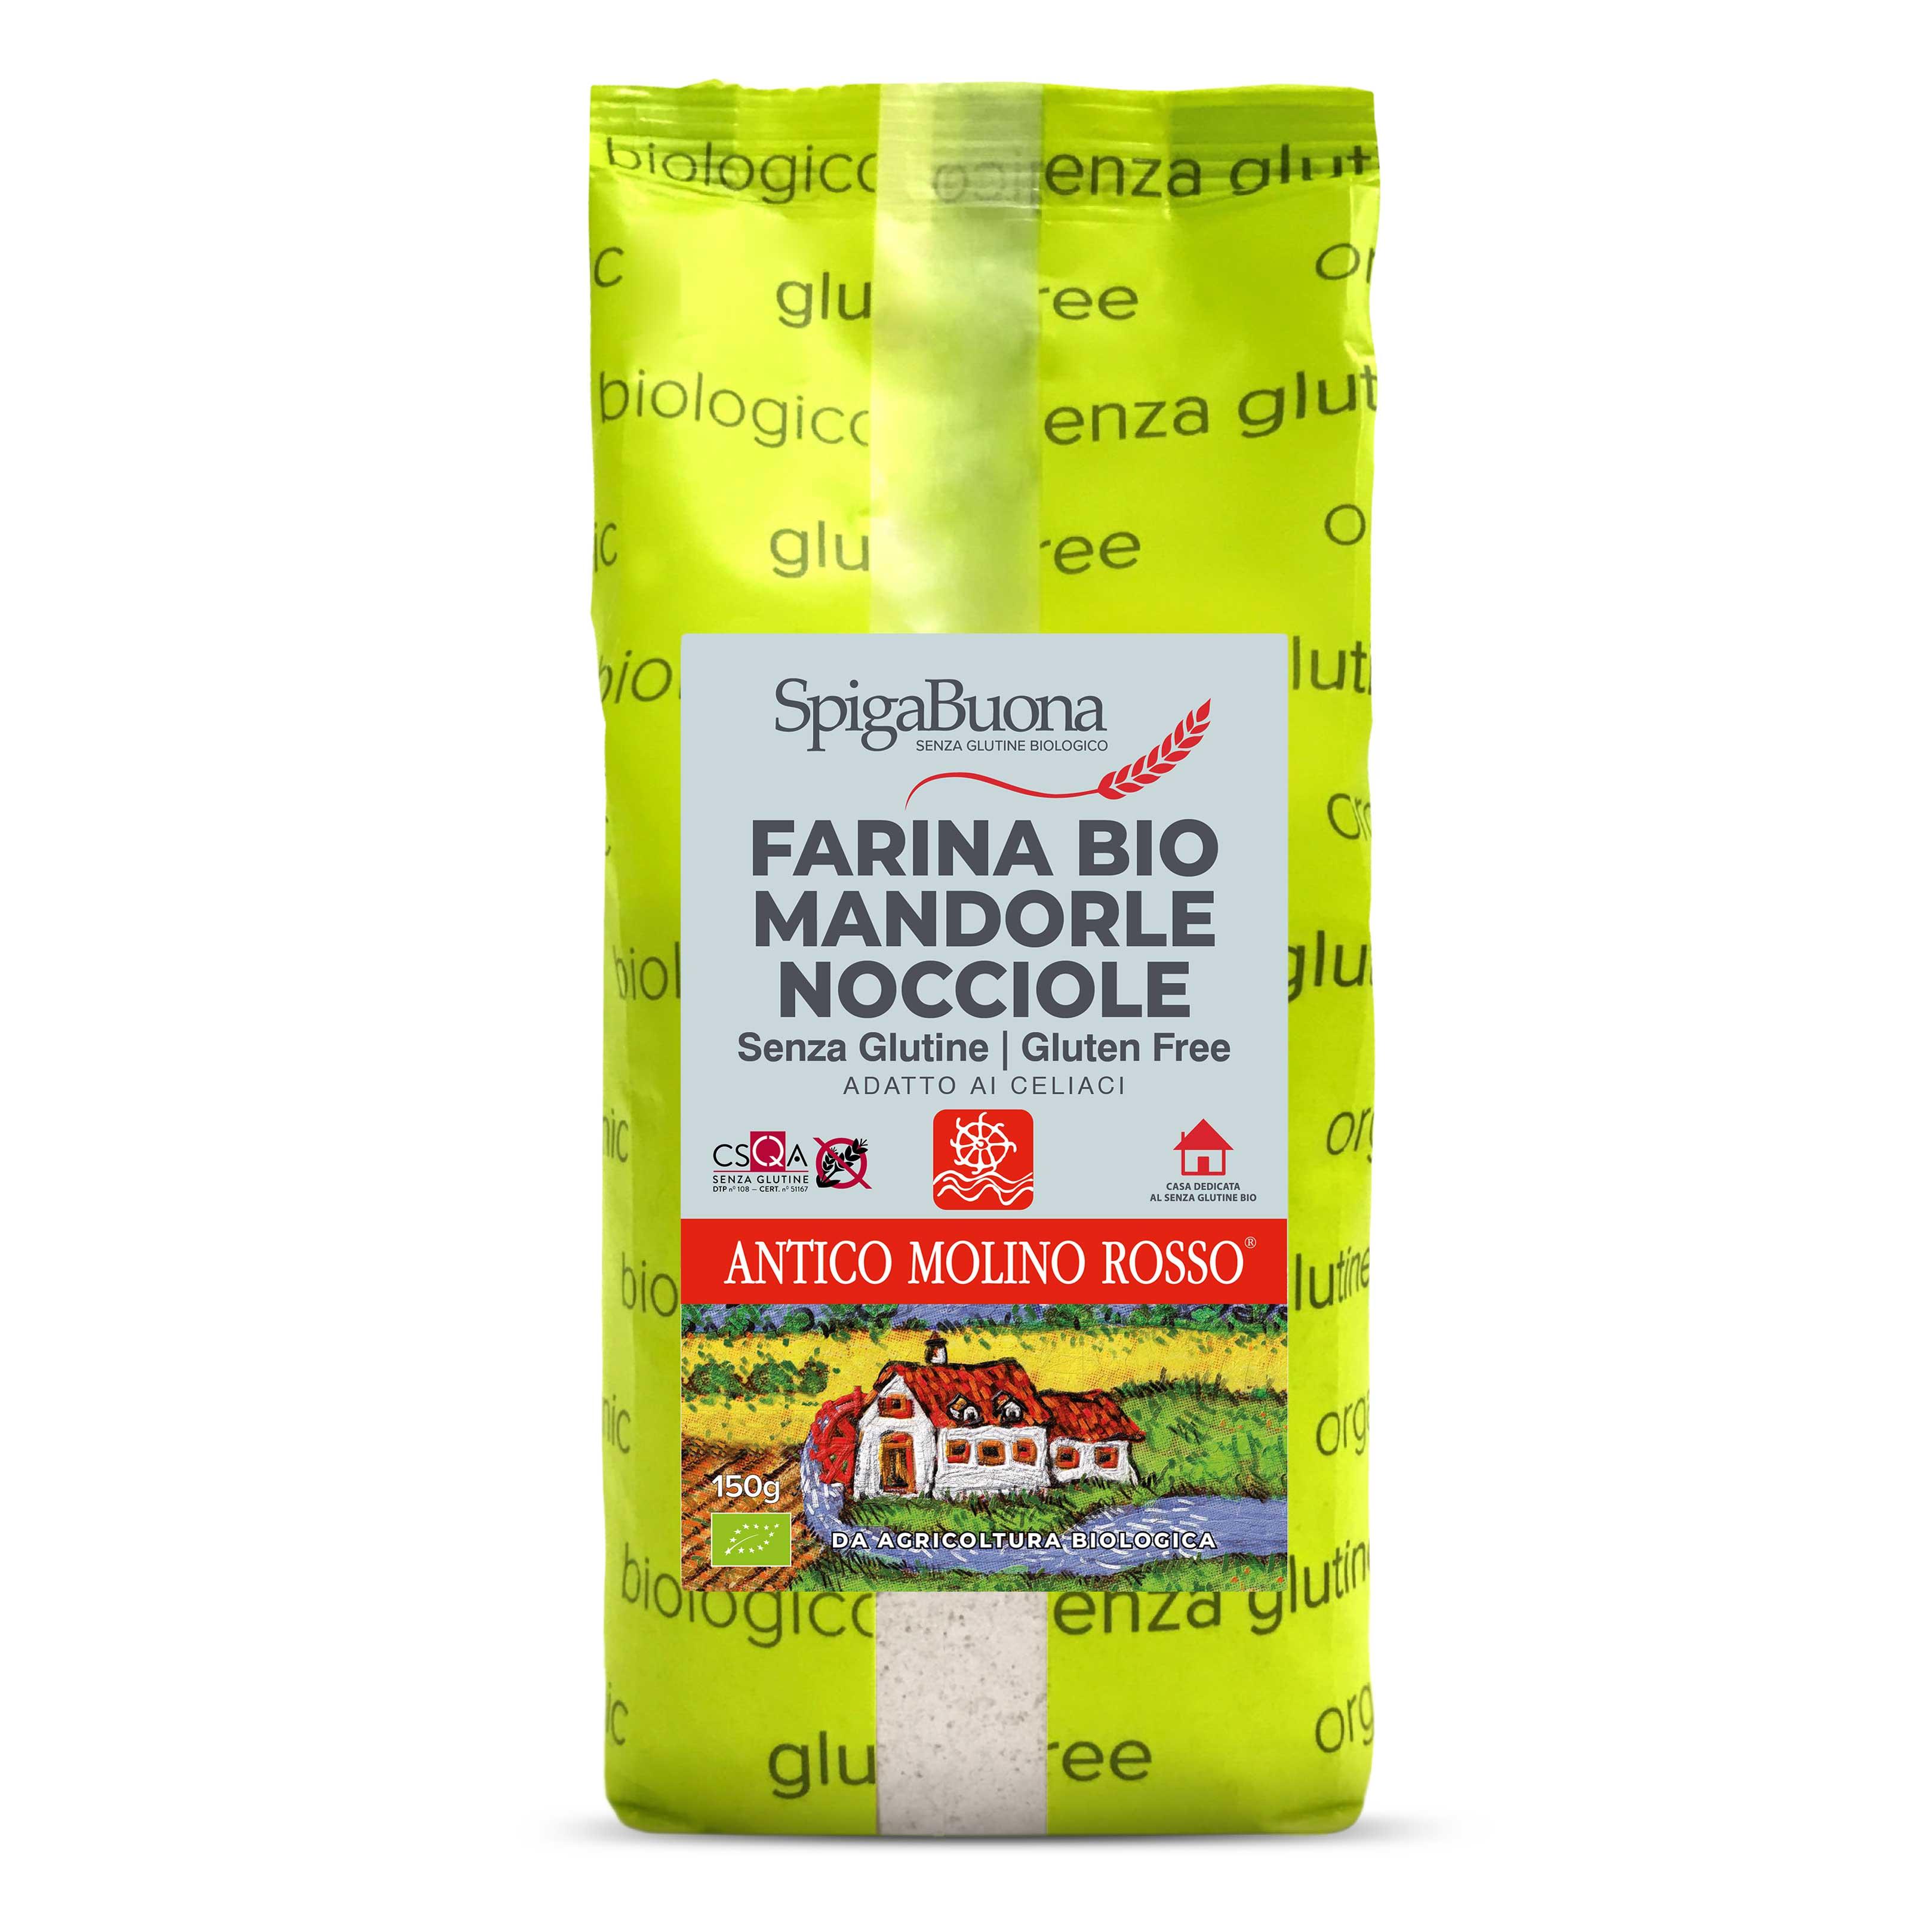 farina bio mandorle nocciole senza glutine 150g